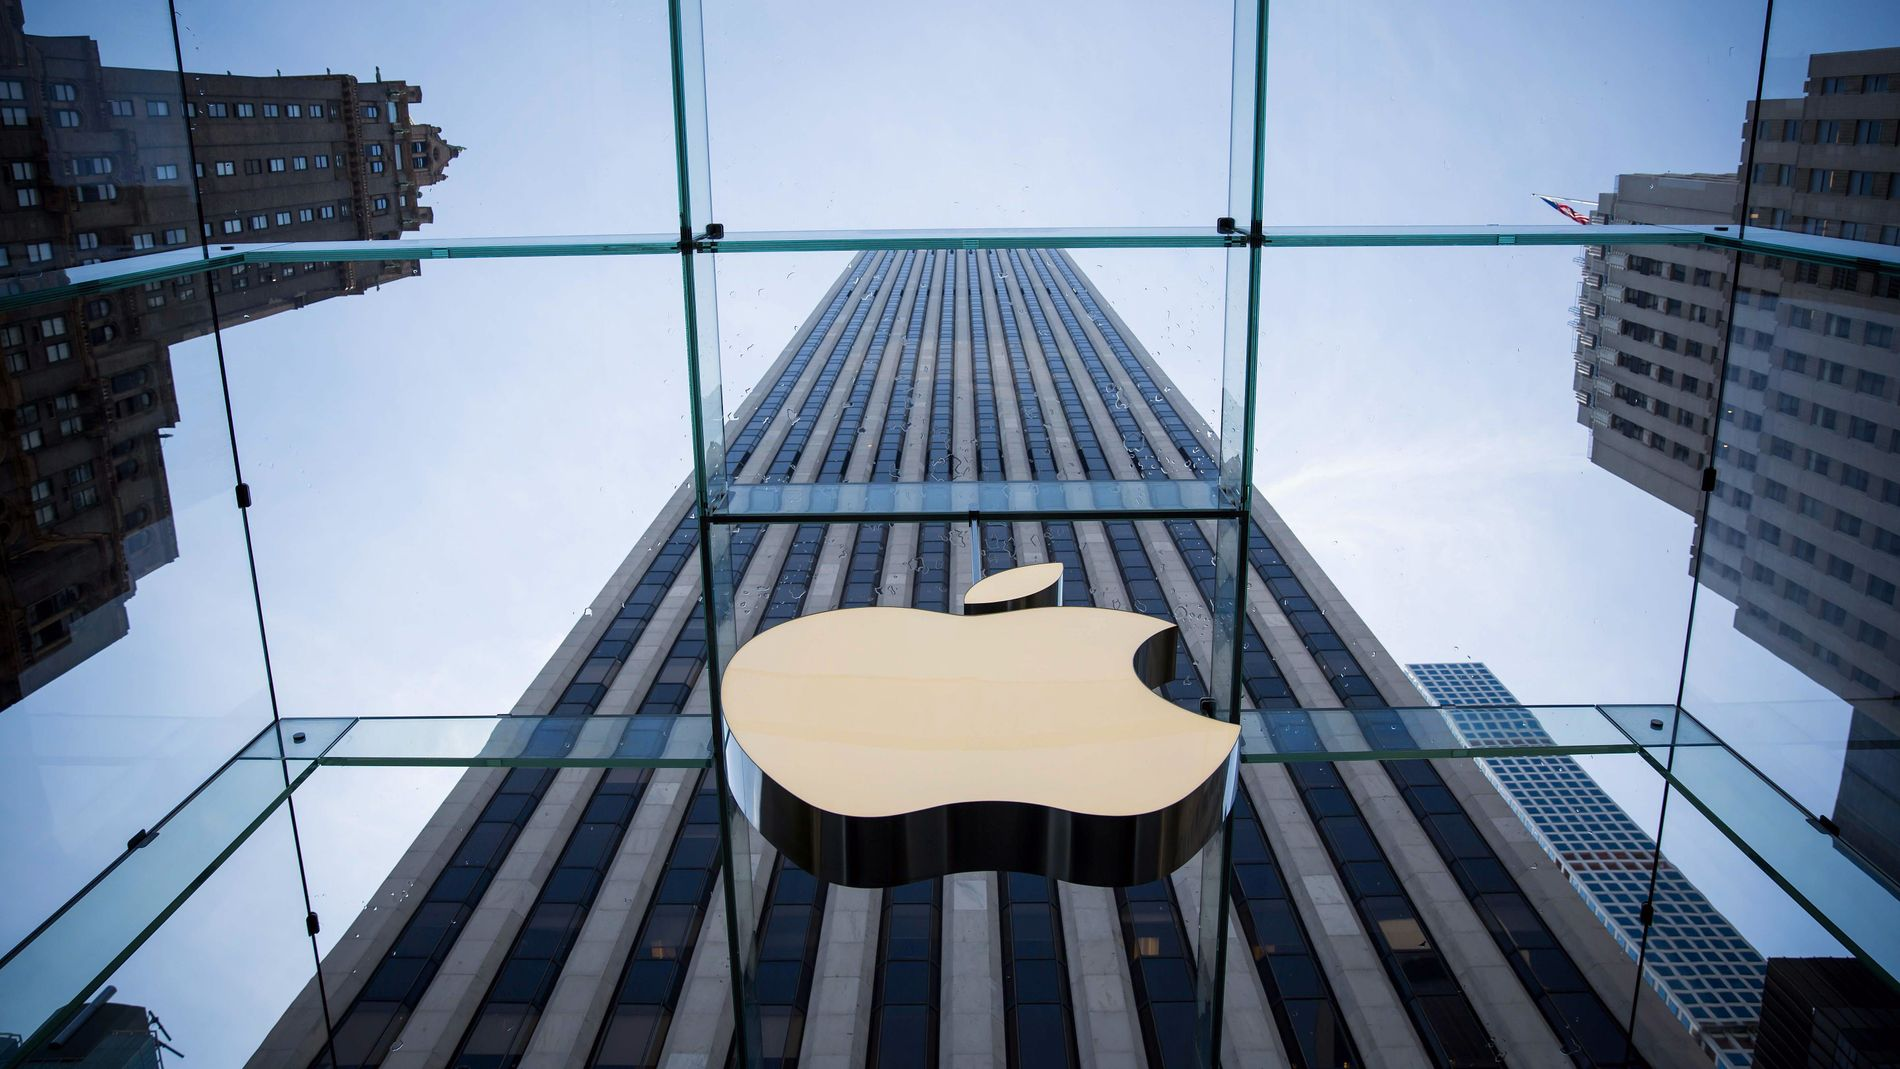 KJØPER TILBAKE: Apple er blant de amerikanske selskapene som har brukt milliarder på å kjøpe tilbake egne aksjer de siste årene. Det er et tegn på at de enorme kontantbeholdningene ikke har naturlige investeringsmuligheter, mener Nordnet-analytikere